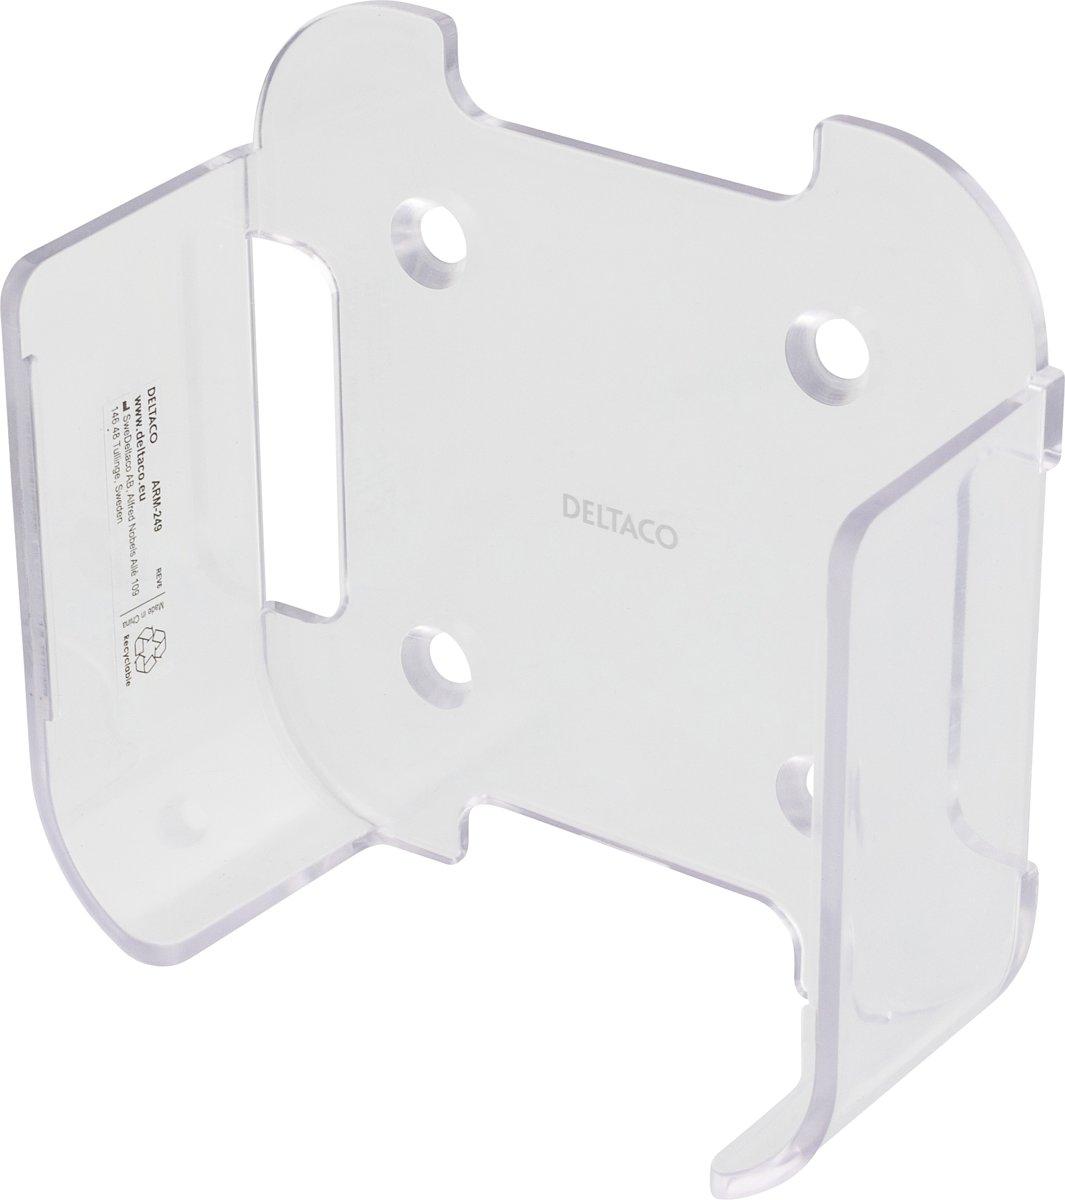 Deltaco ARM-249 Muurhouder voor Apple TV generatie 4 en 5, inclusief bevestigingsmateriaal voor plakken of schroeven transparant kopen